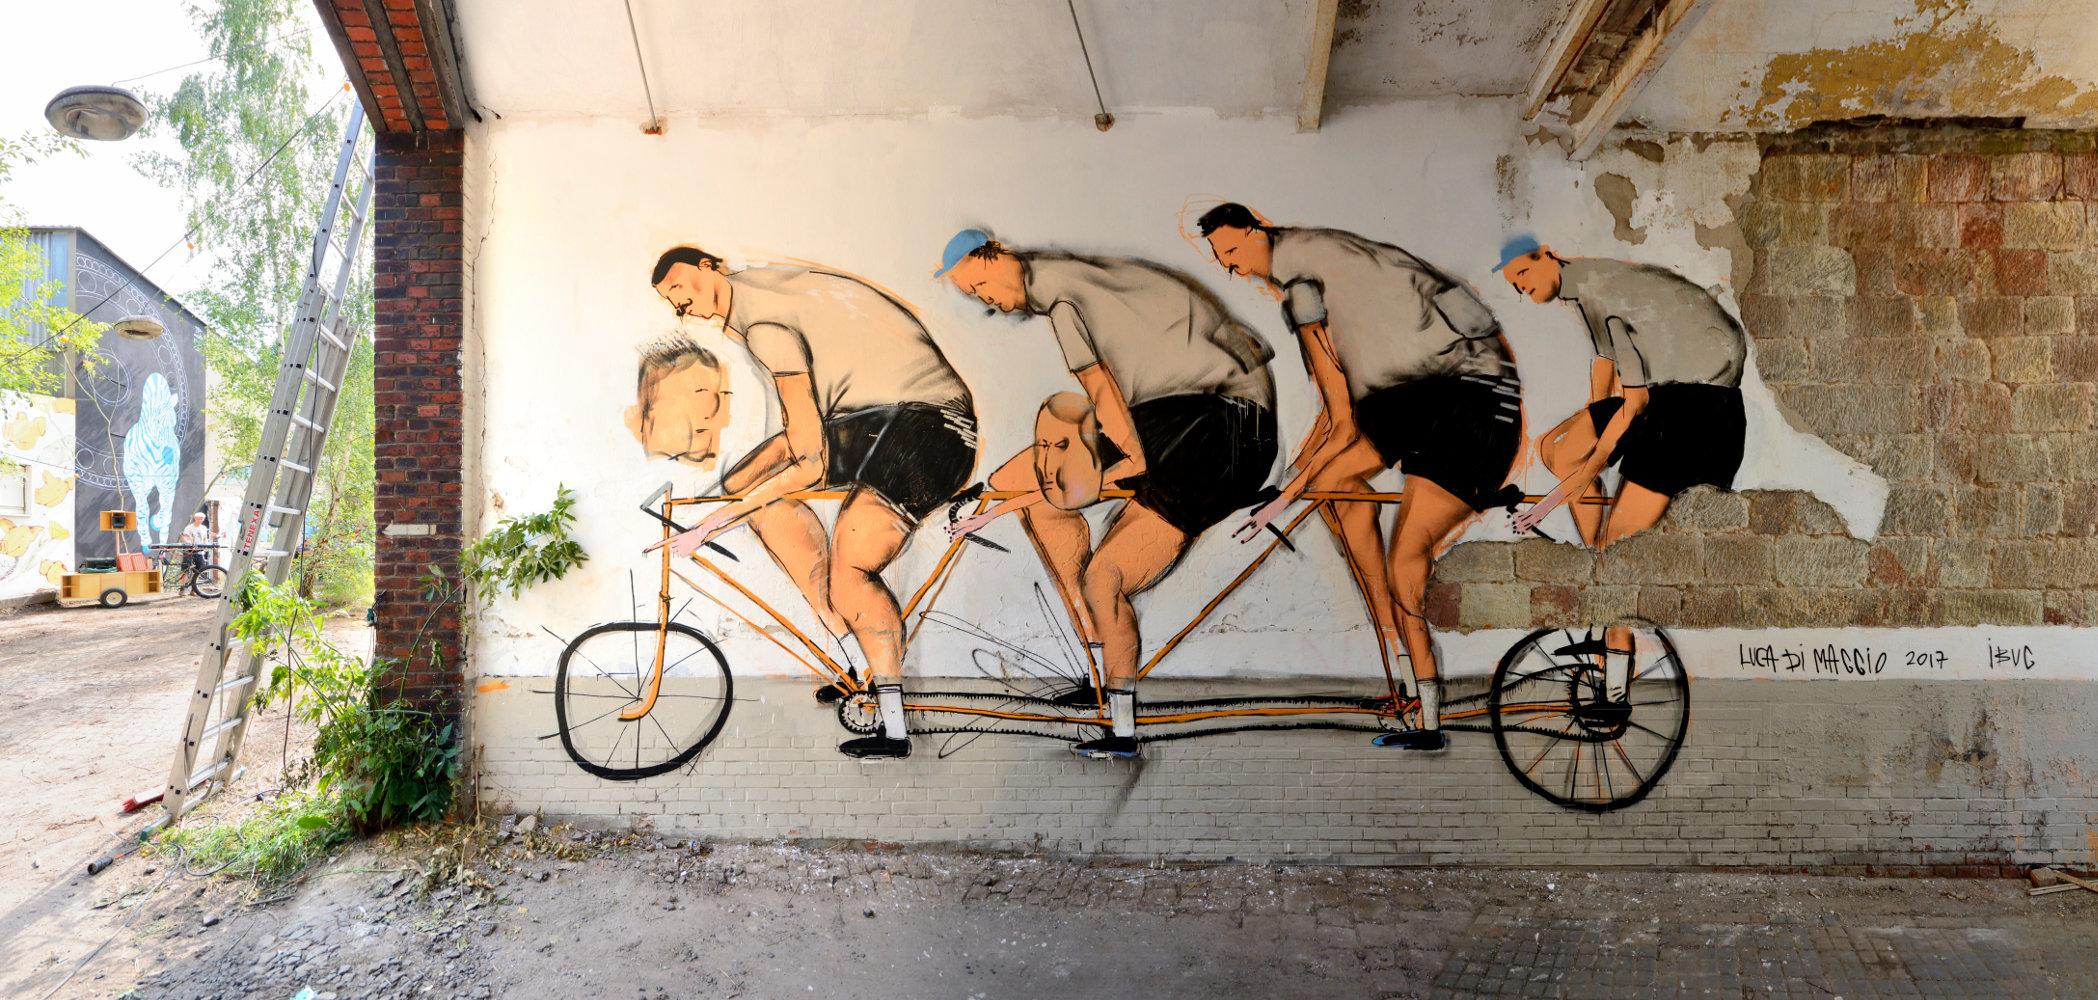 Chemnitz streetart 2017